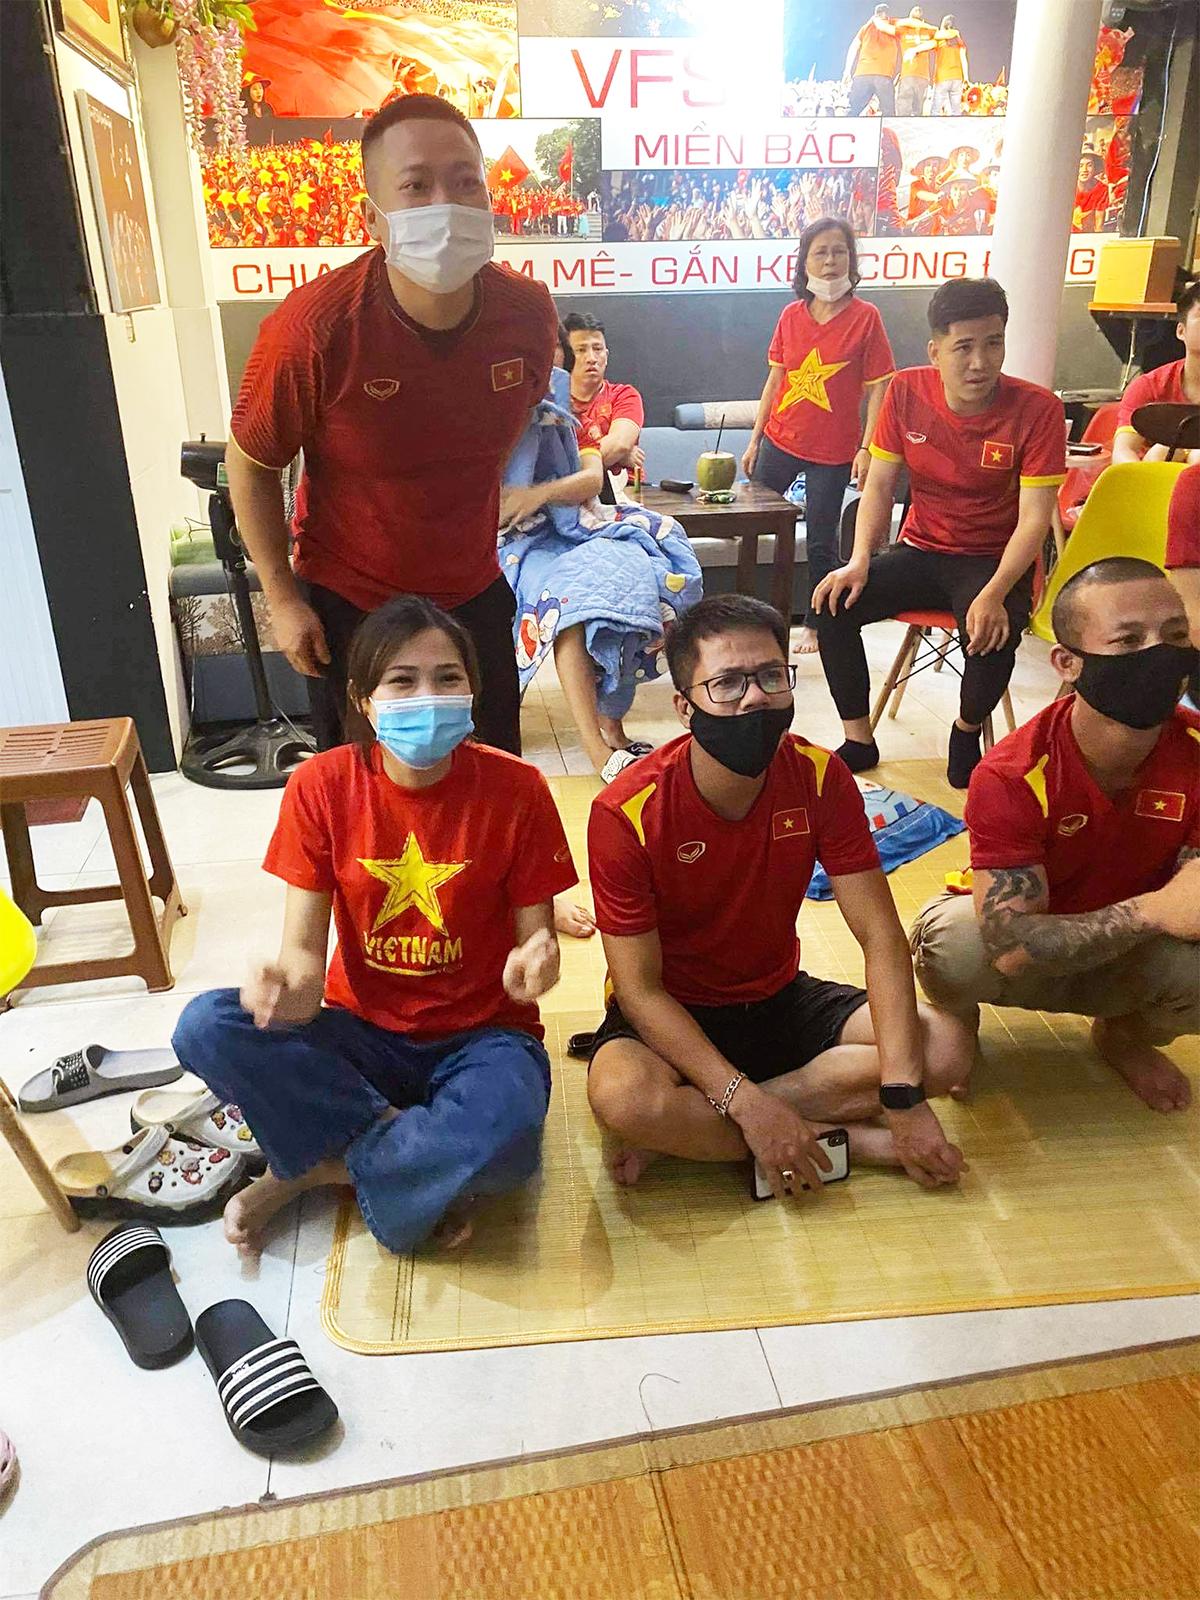 Việt Nam thắng Indonesia 4-0 giữa mùa dịch: Người đeo khẩu trang, người đóng cửa cổ vũ - hình ảnh 8